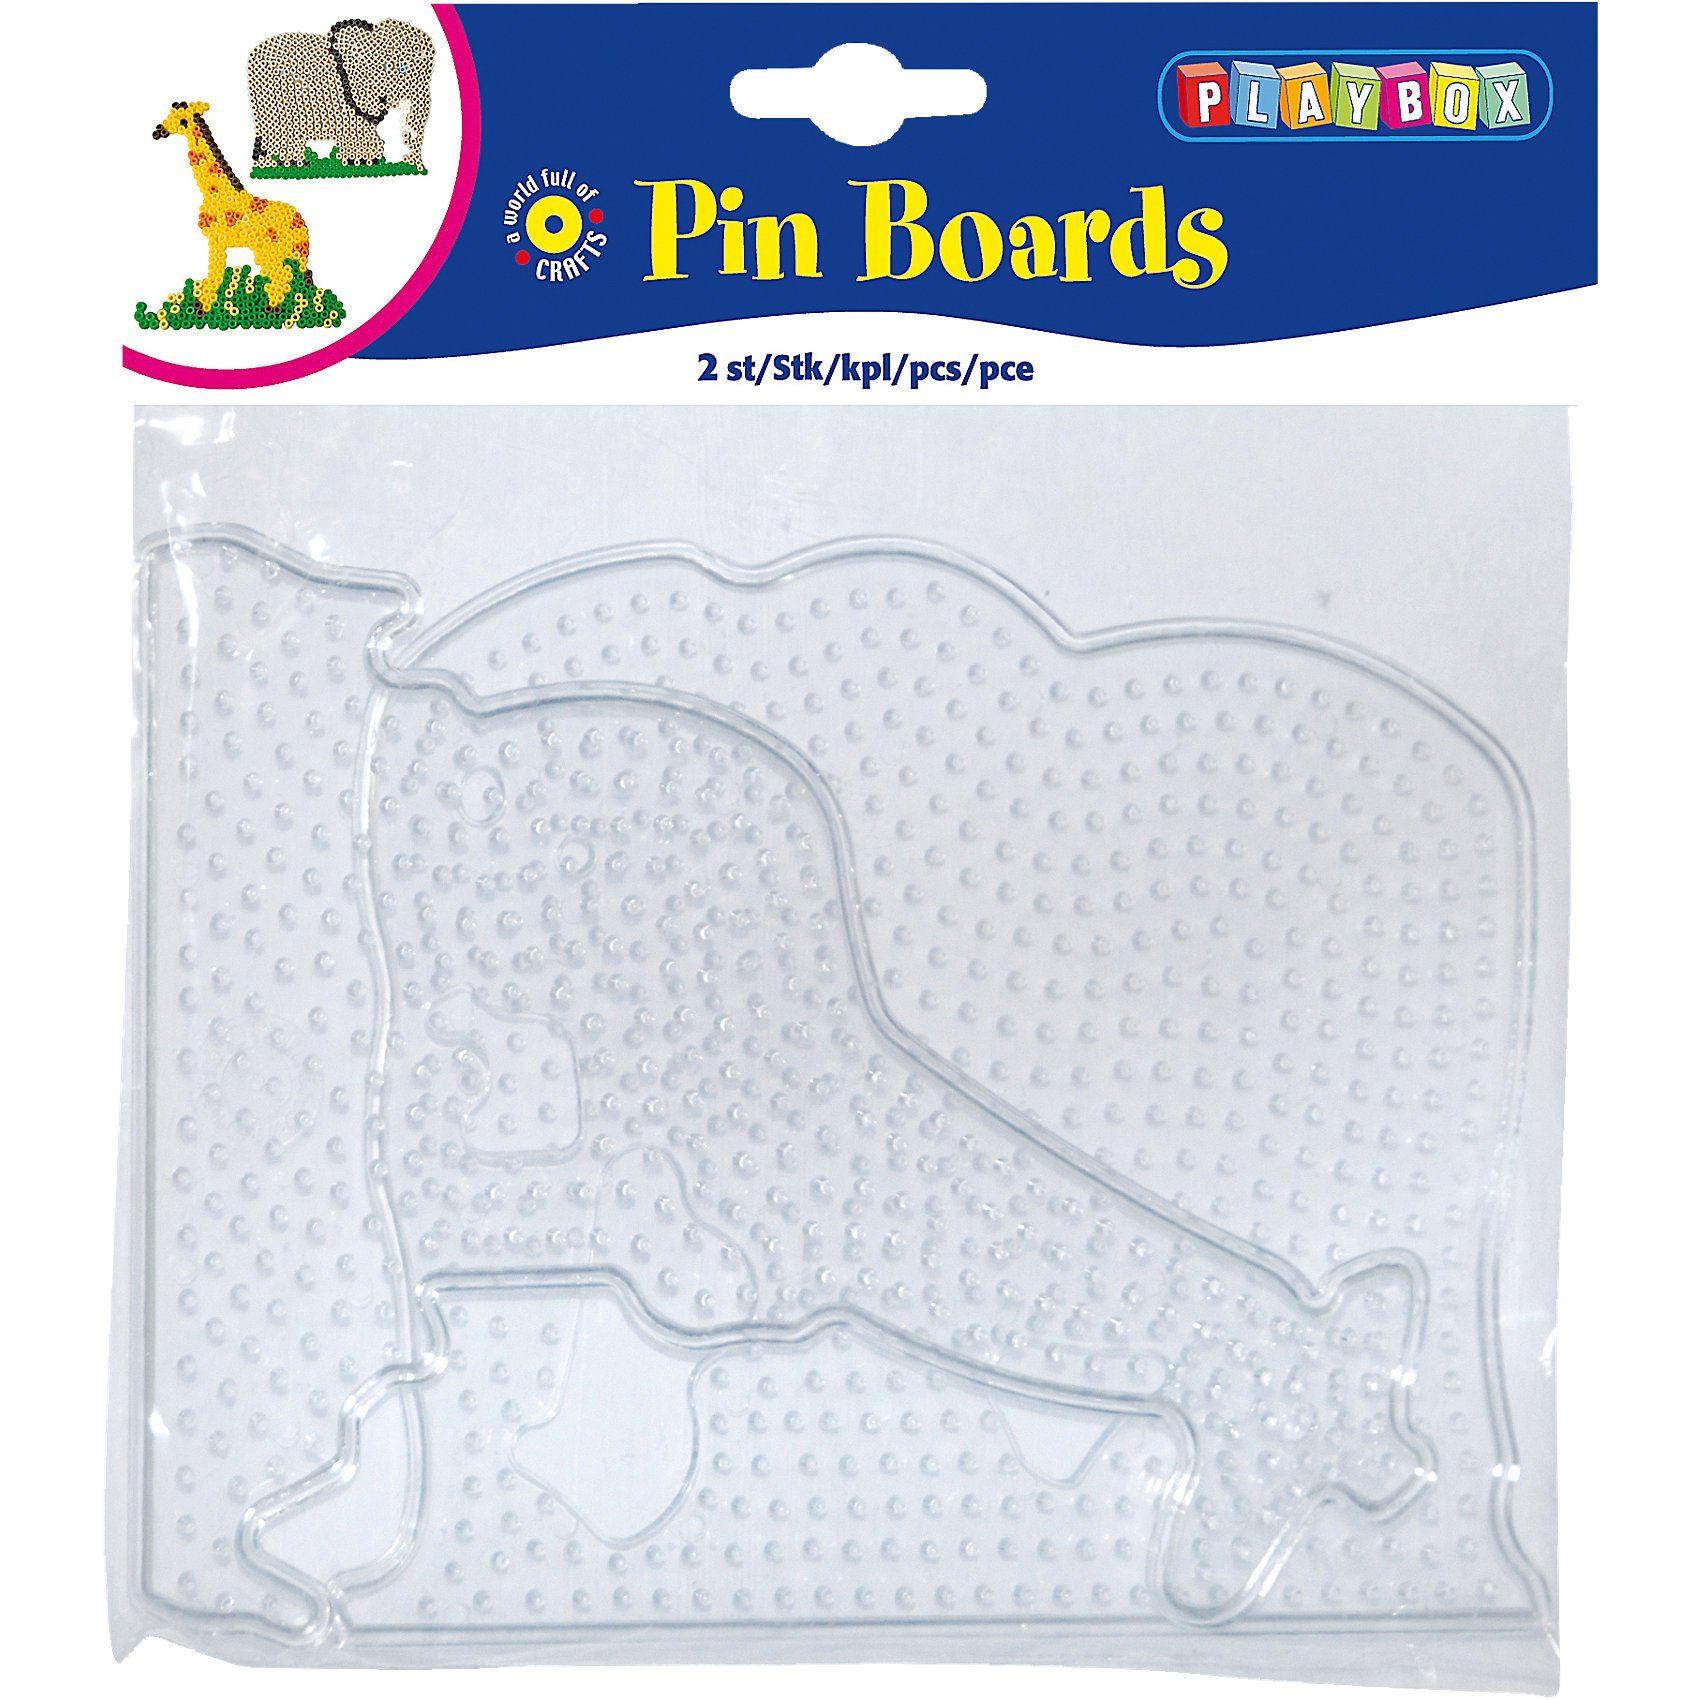 Playbox Bügelperlen Steckplatten, 2 Stück - Elefant, Giraffe